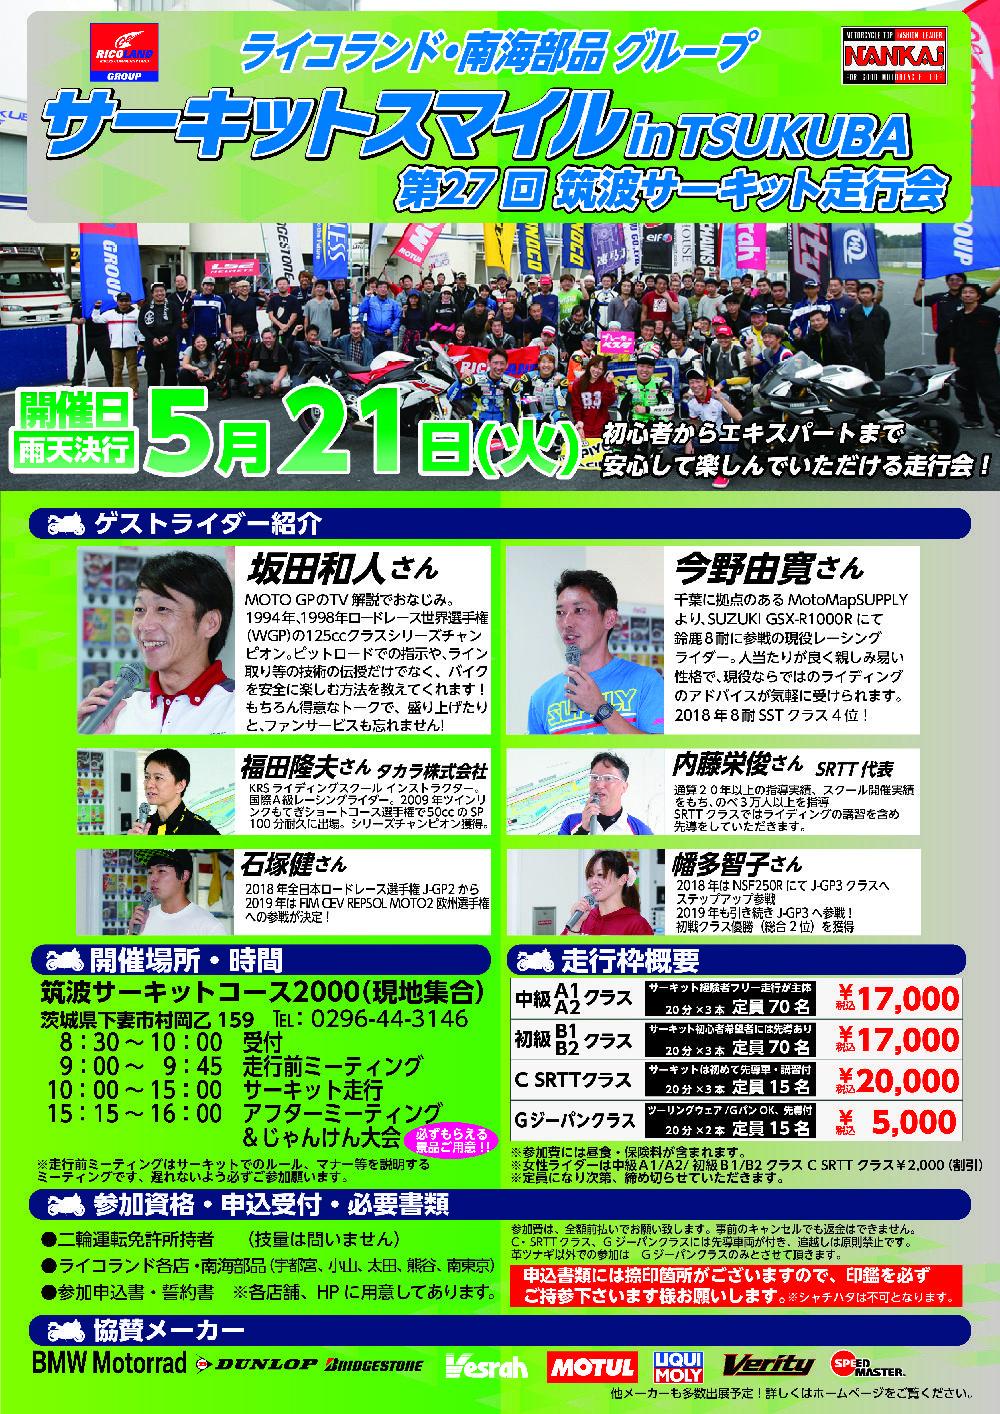 20190521サーキットスマイル文面①.jpg